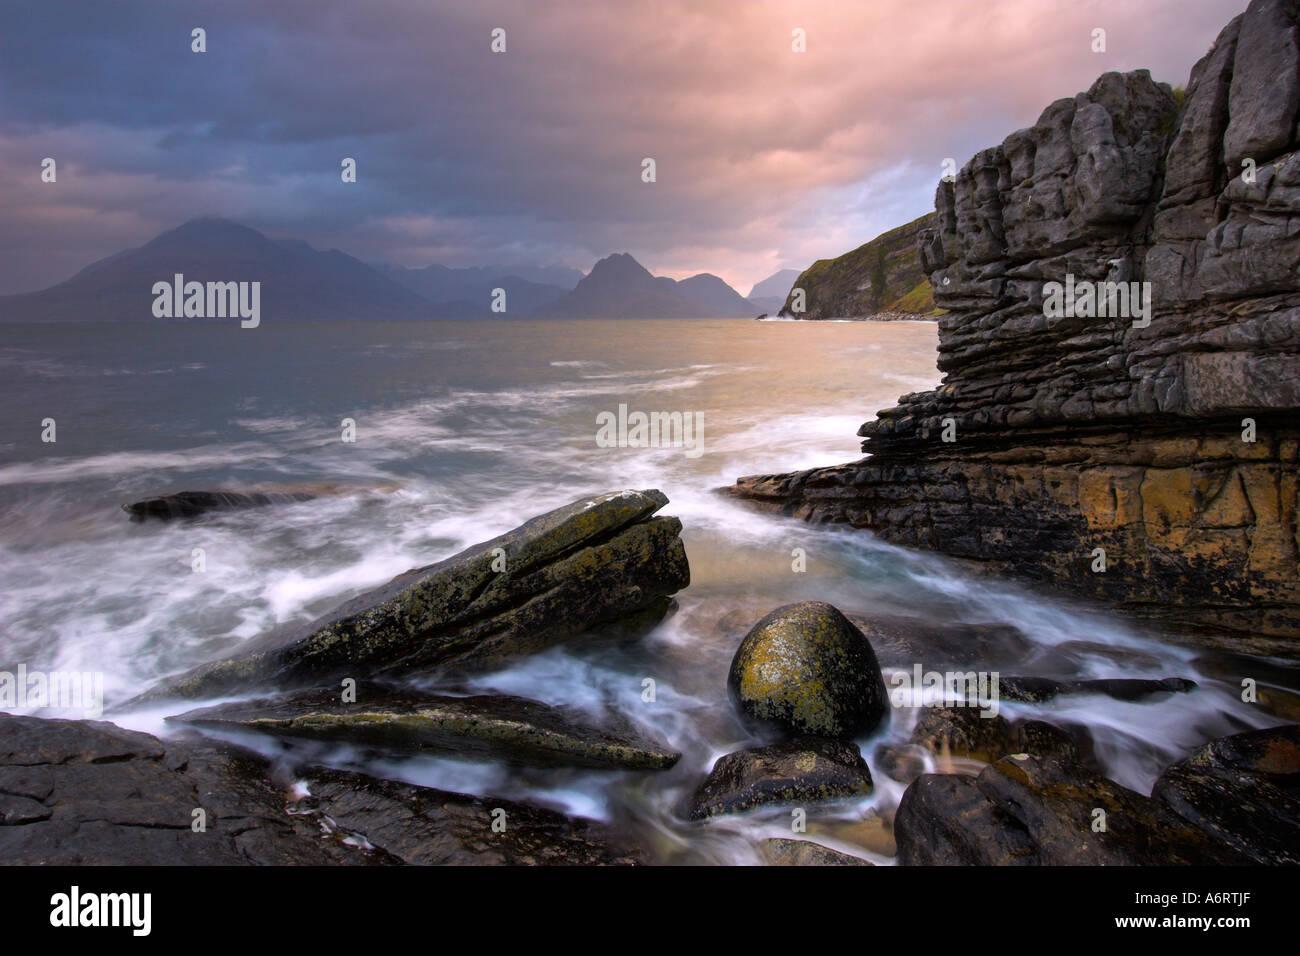 La roccia disseminata costa di Elgol, Isola di Skye su una drammatica mattina. Alta Marea fluttuante attorno ai massi. Immagini Stock